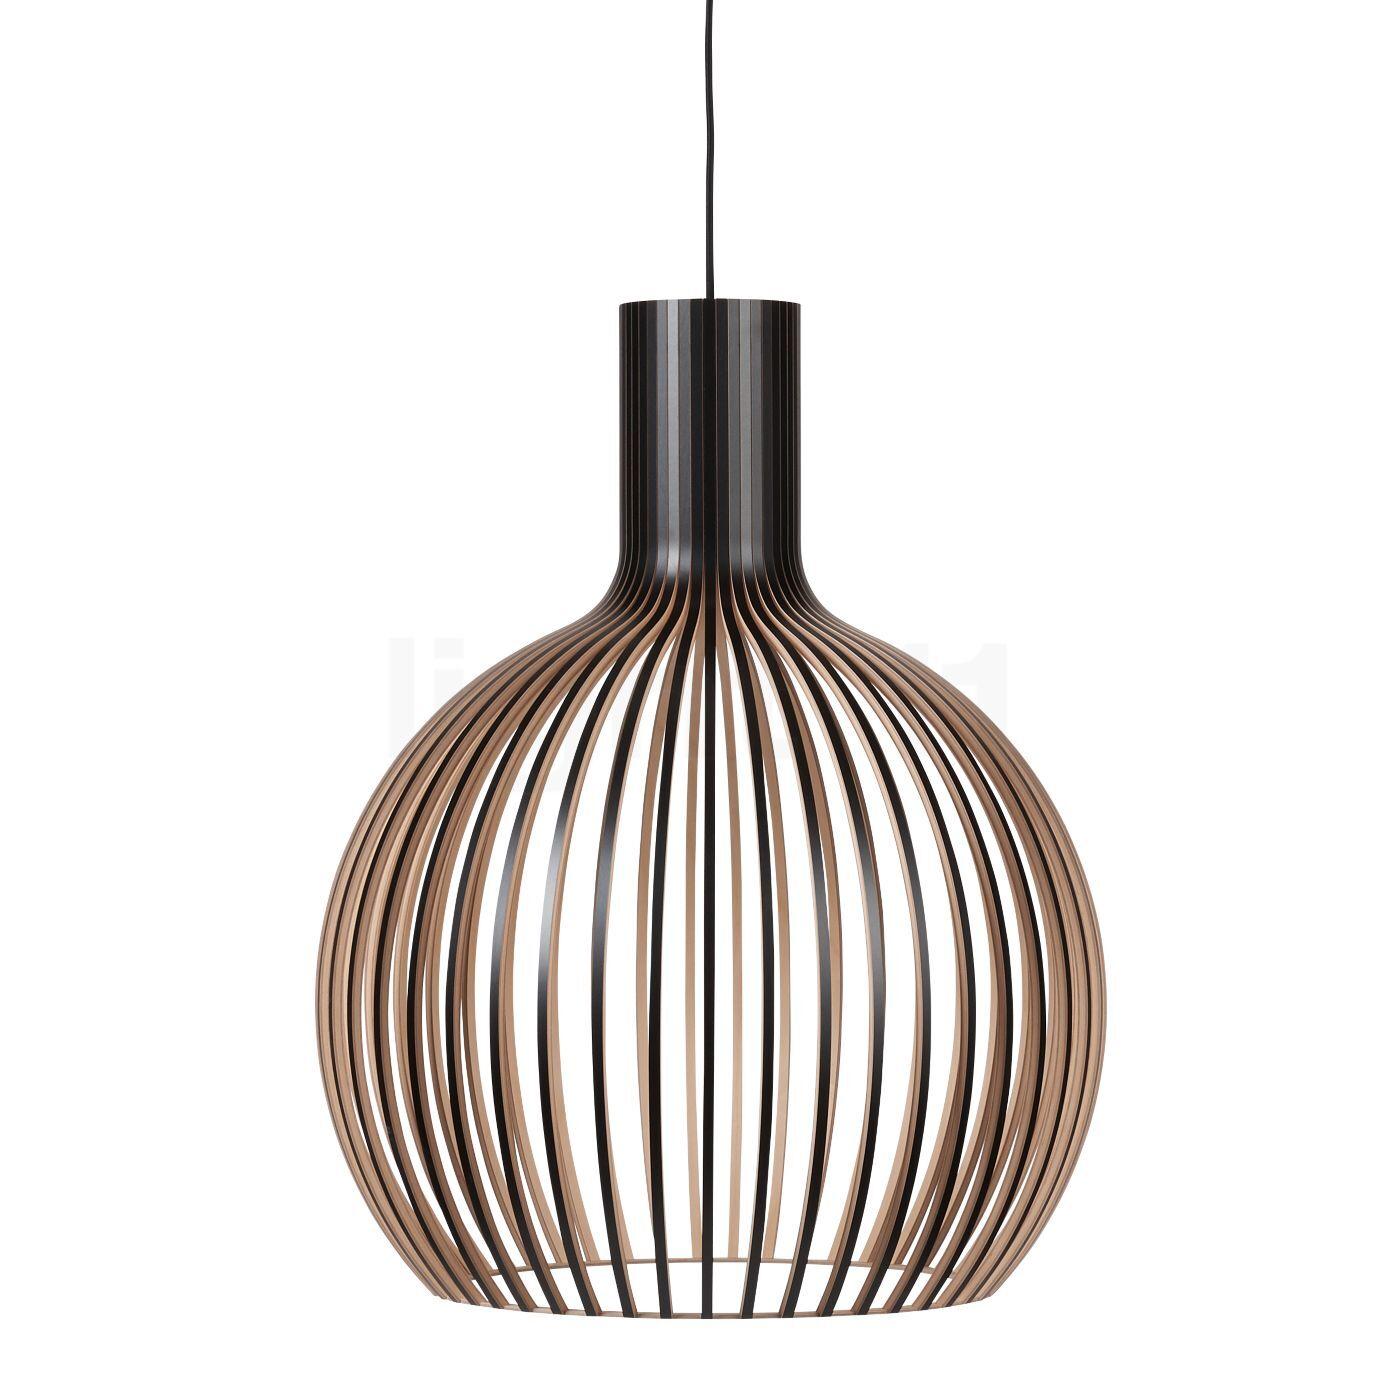 Secto Design Octo 4240 Suspension, noir, stratifié/câble textile noir